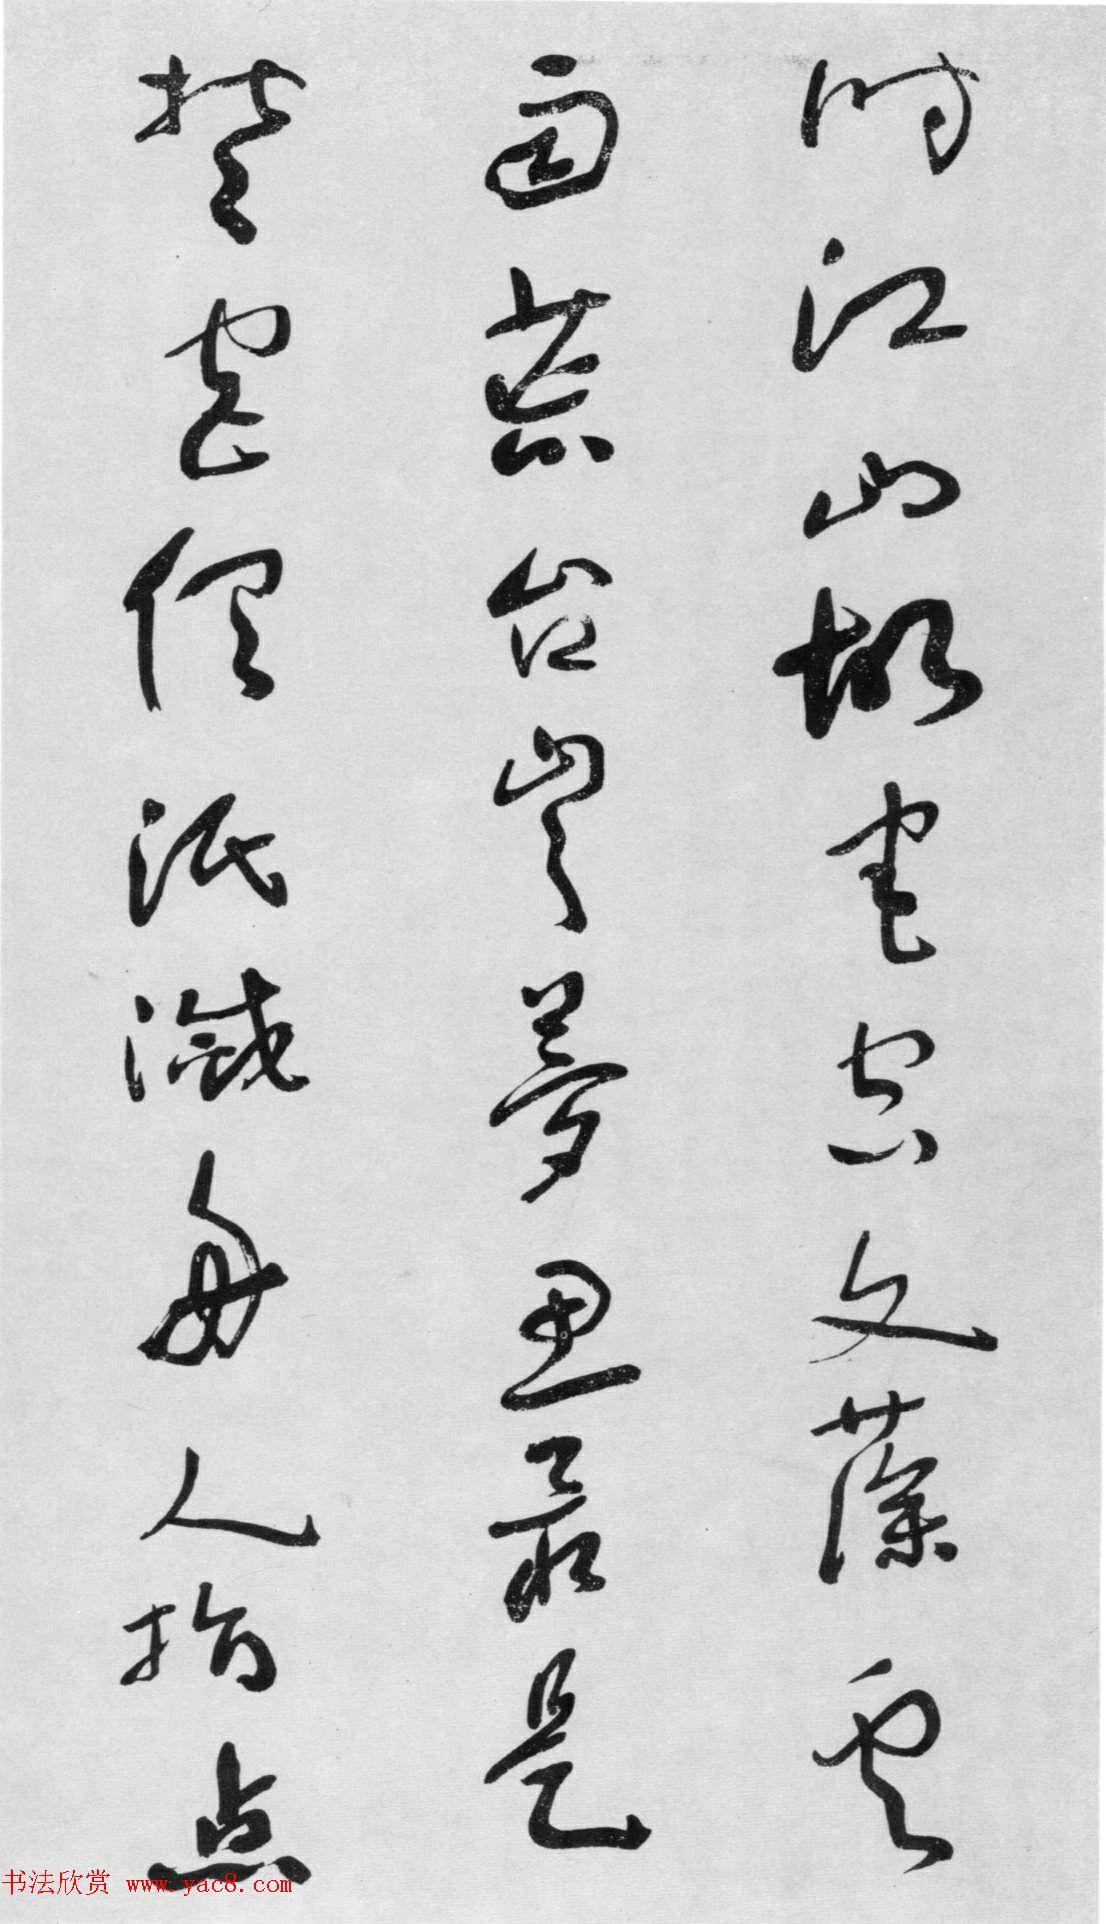 于右任草书欣赏《杜甫咏怀古迹五首卷》